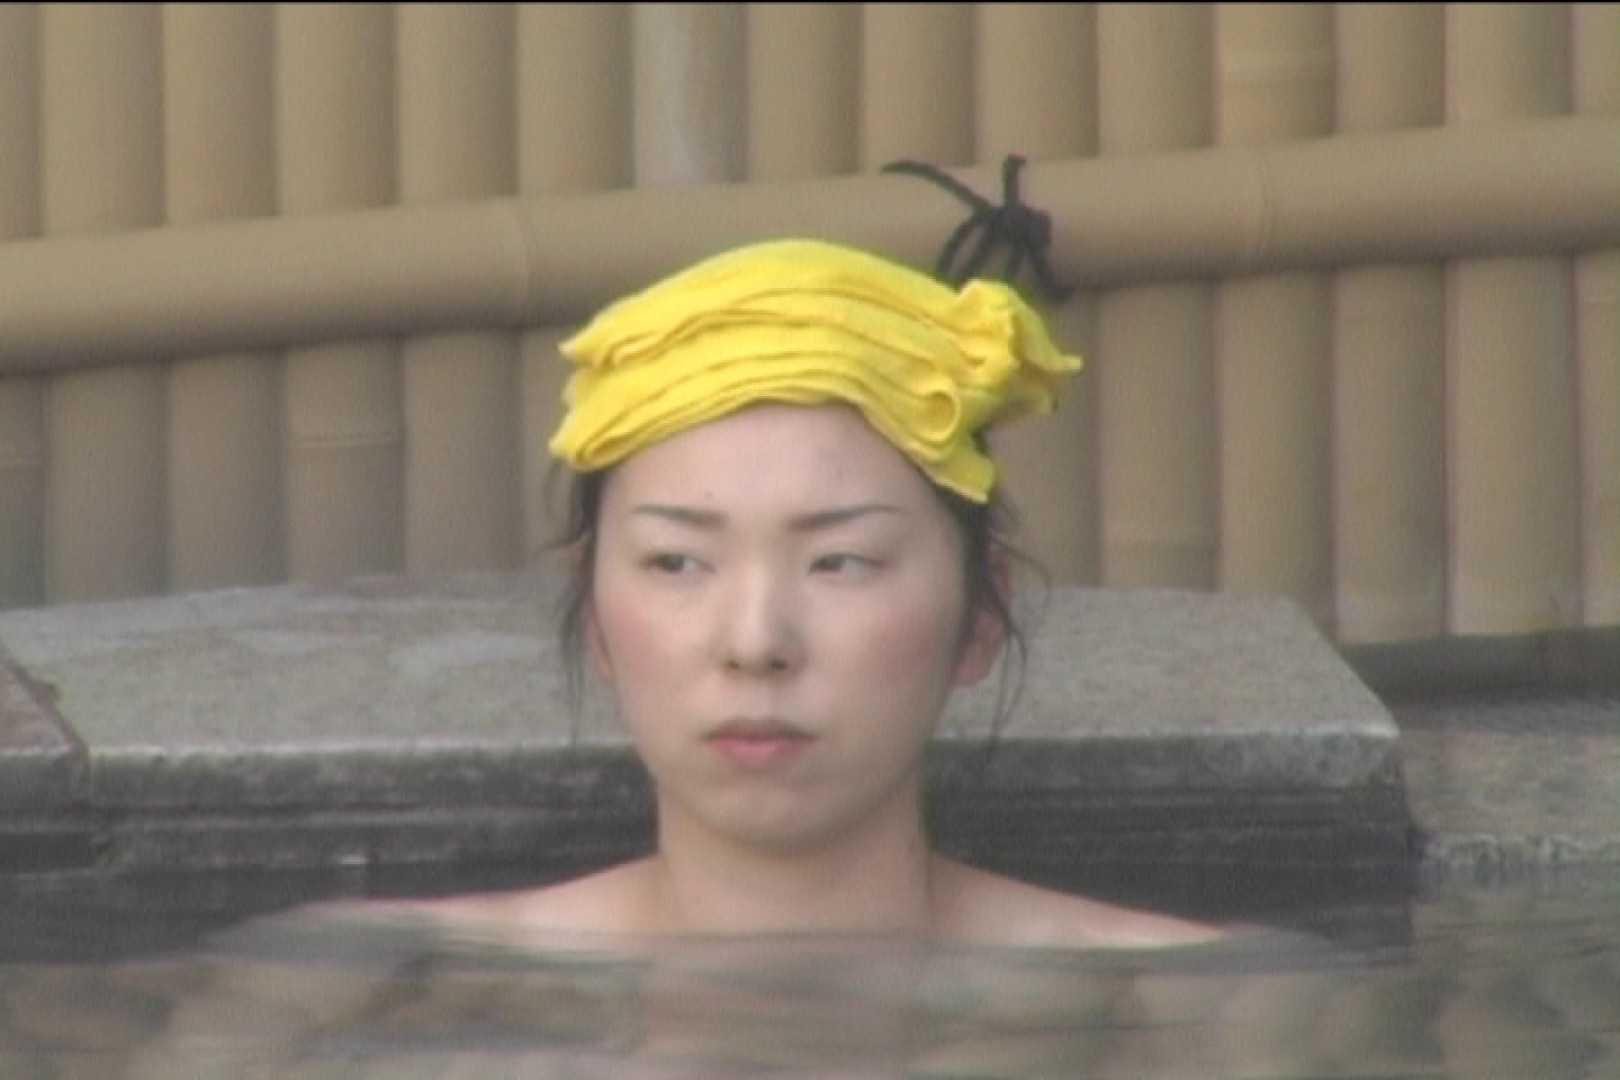 Aquaな露天風呂Vol.529 盗撮シリーズ  106PIX 48